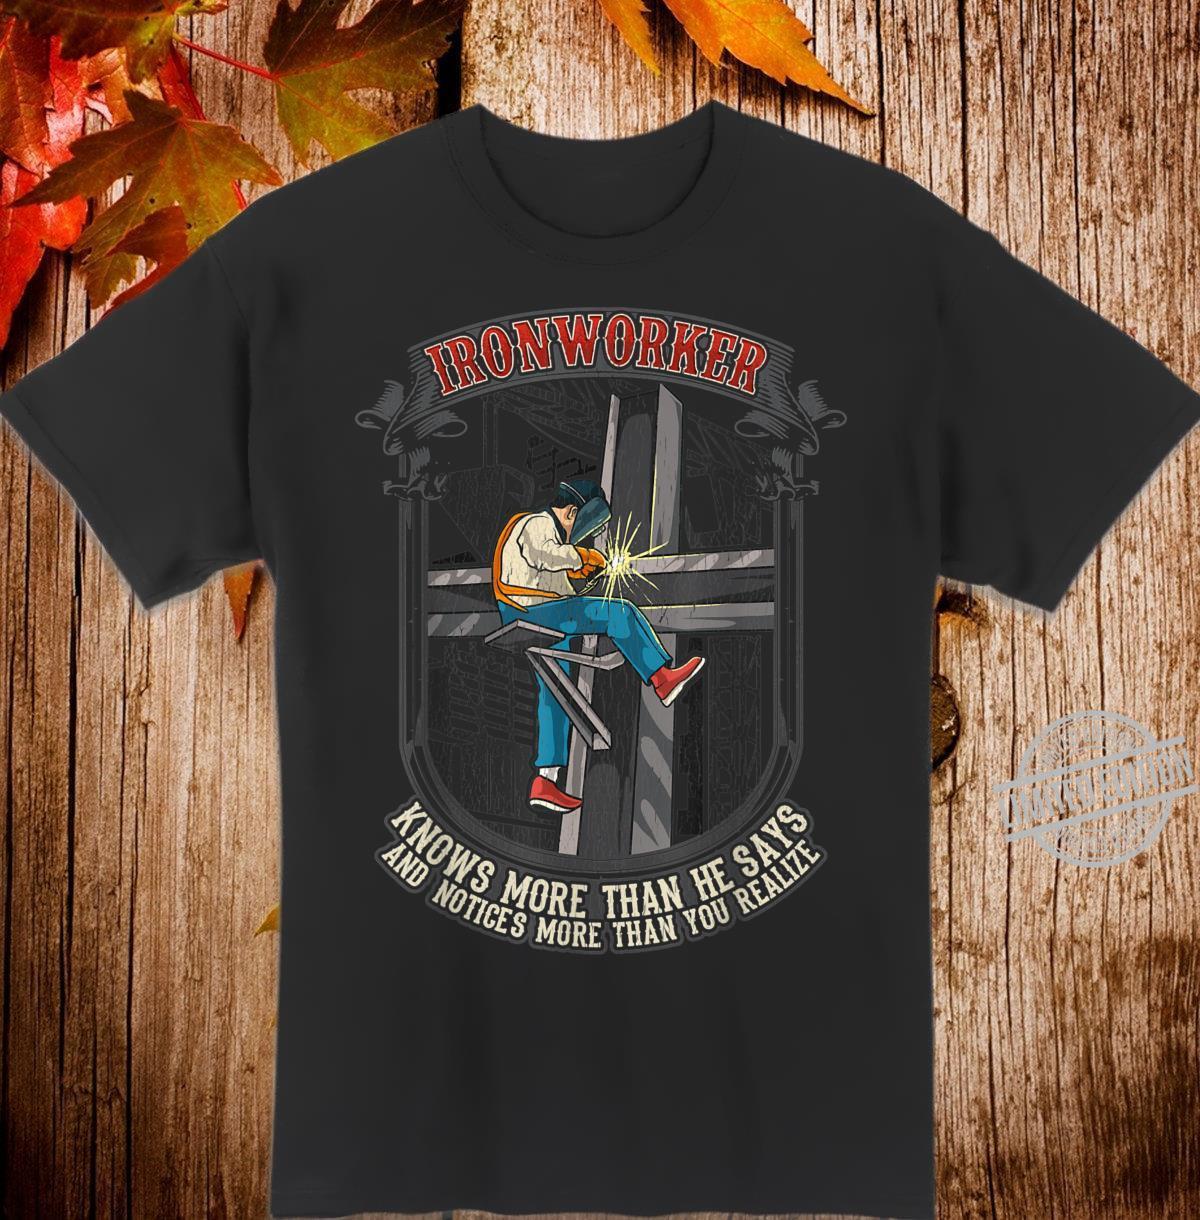 EisenarbeiterZitat Eisenbearbeitung verwandt Shirt